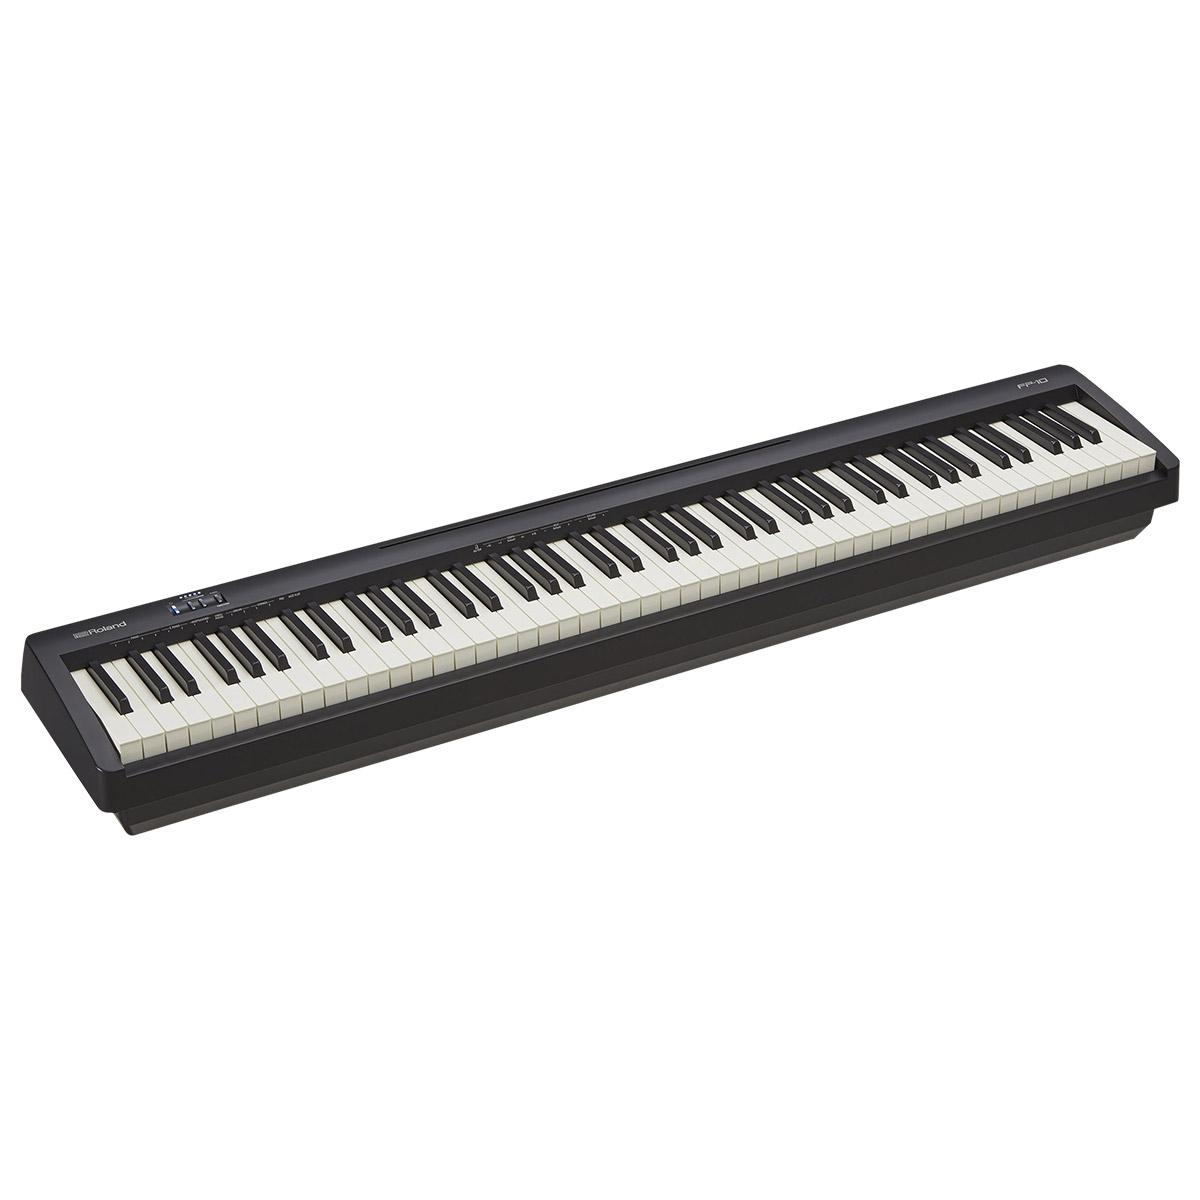 Piano Numérique Roland FP-10 - 88 touches